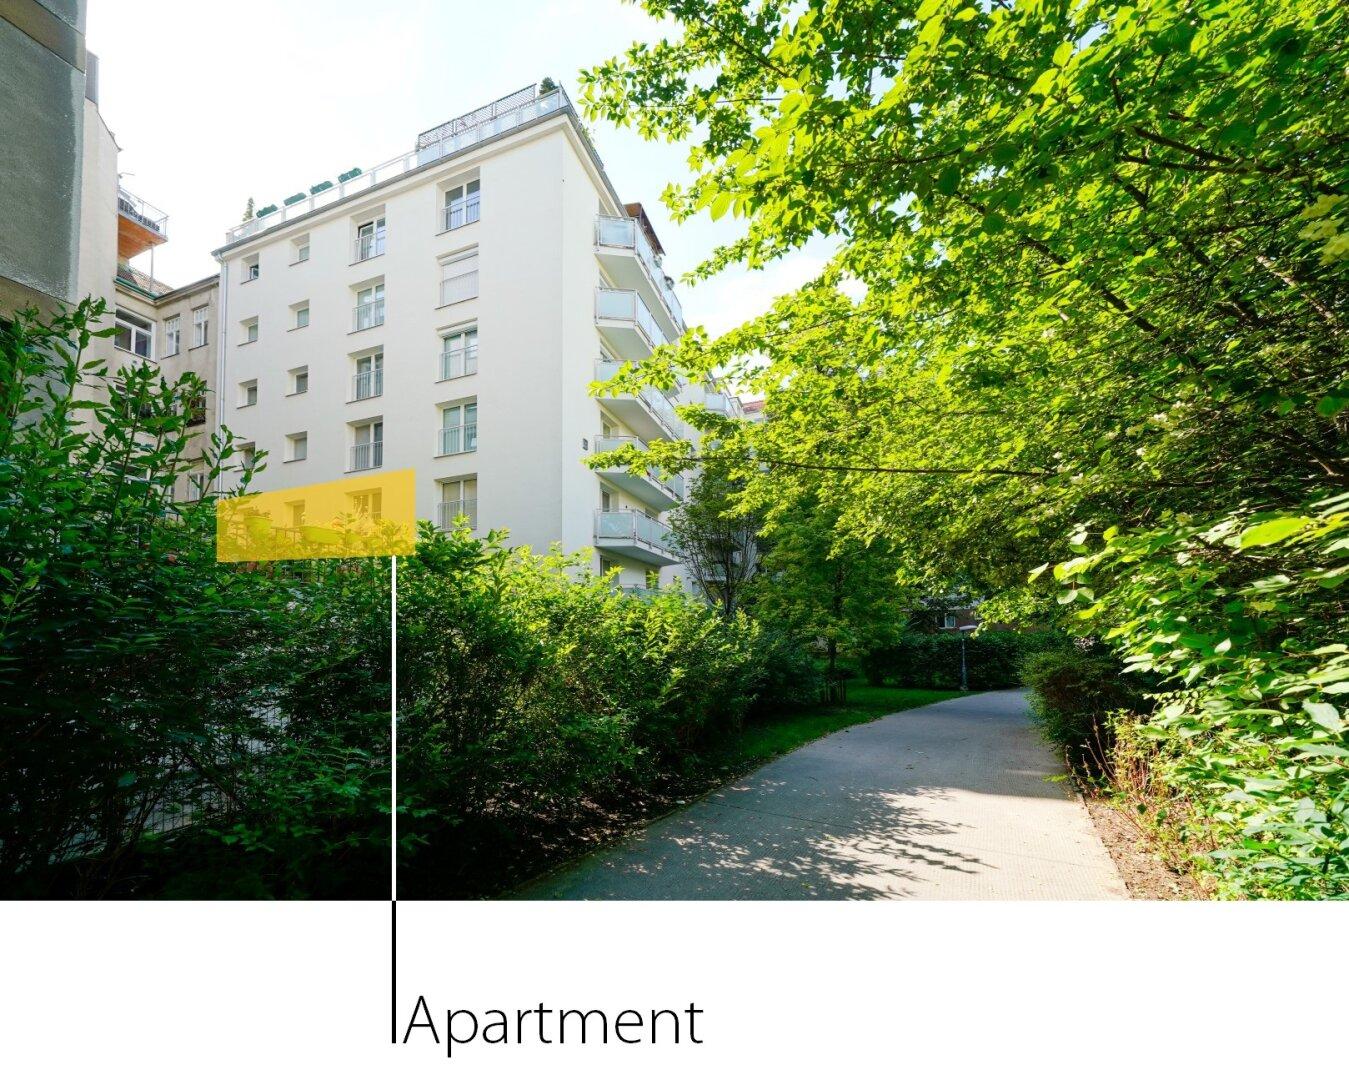 Blick vom Alois-Drasche-Park zur Wohnung (Elternschlafzimmer, Kinderzimmer, Küche)